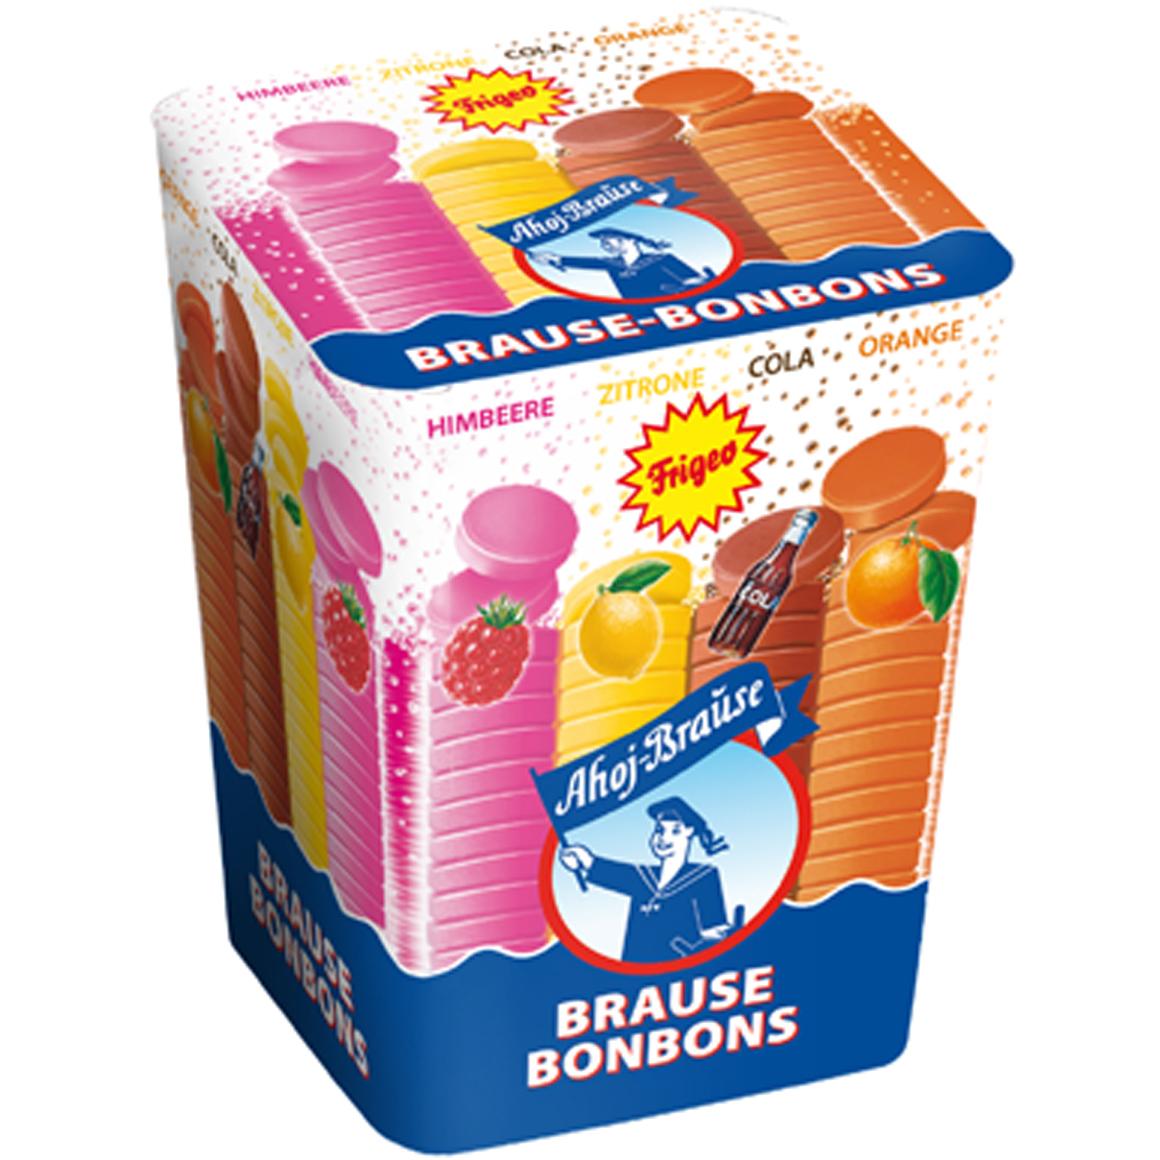 ahoj brause brause bonbons 125g online kaufen im world of sweets shop. Black Bedroom Furniture Sets. Home Design Ideas